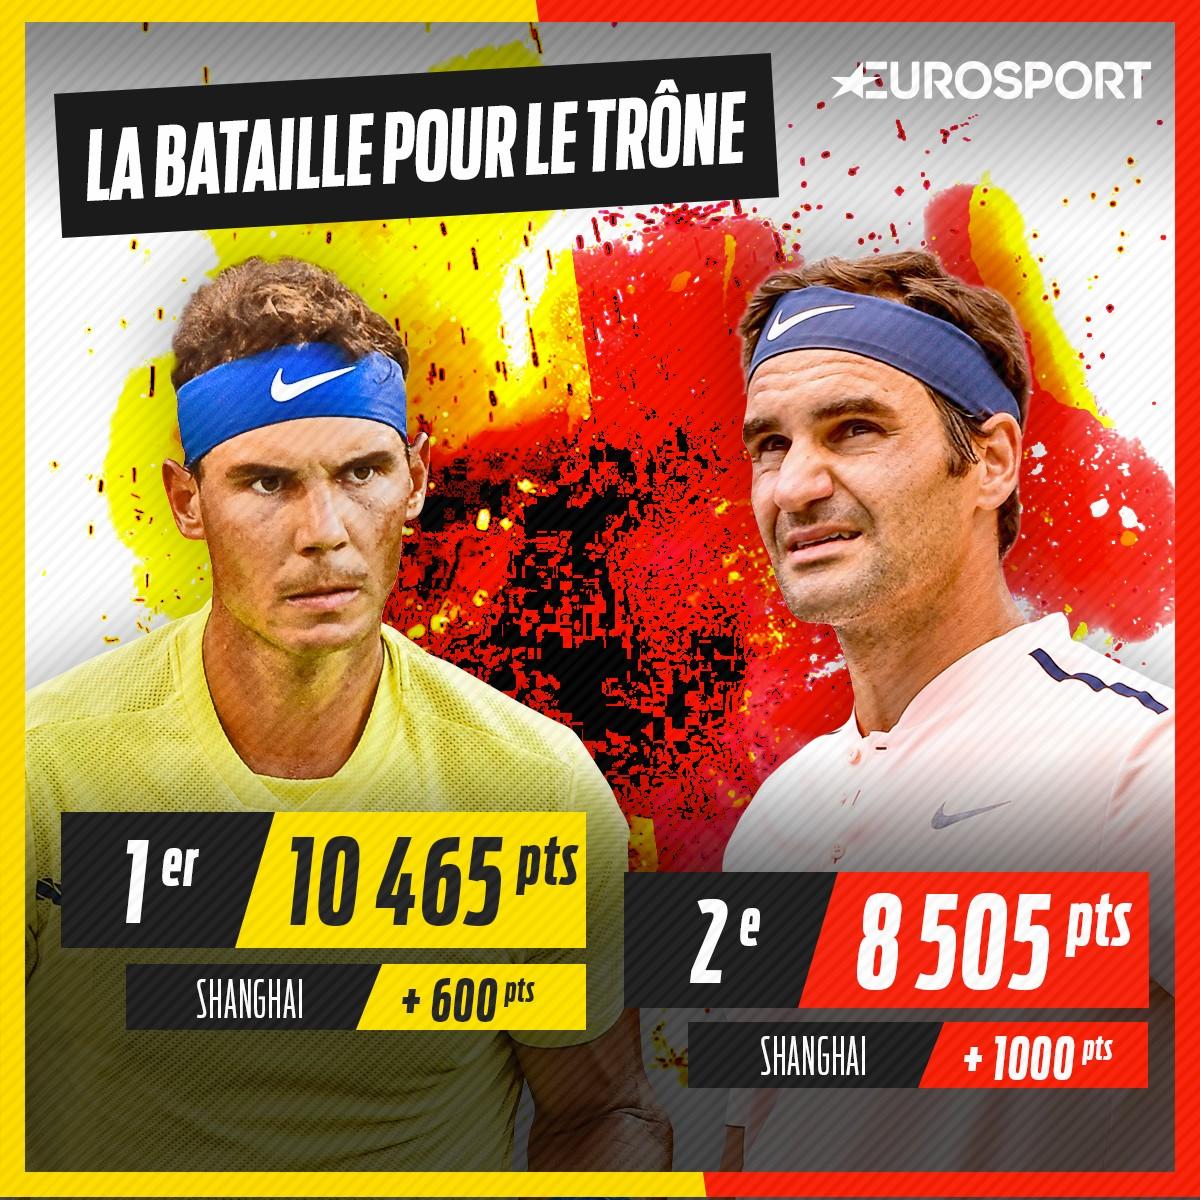 Le point à la Race entre Federer et Nadal au 16 octobre